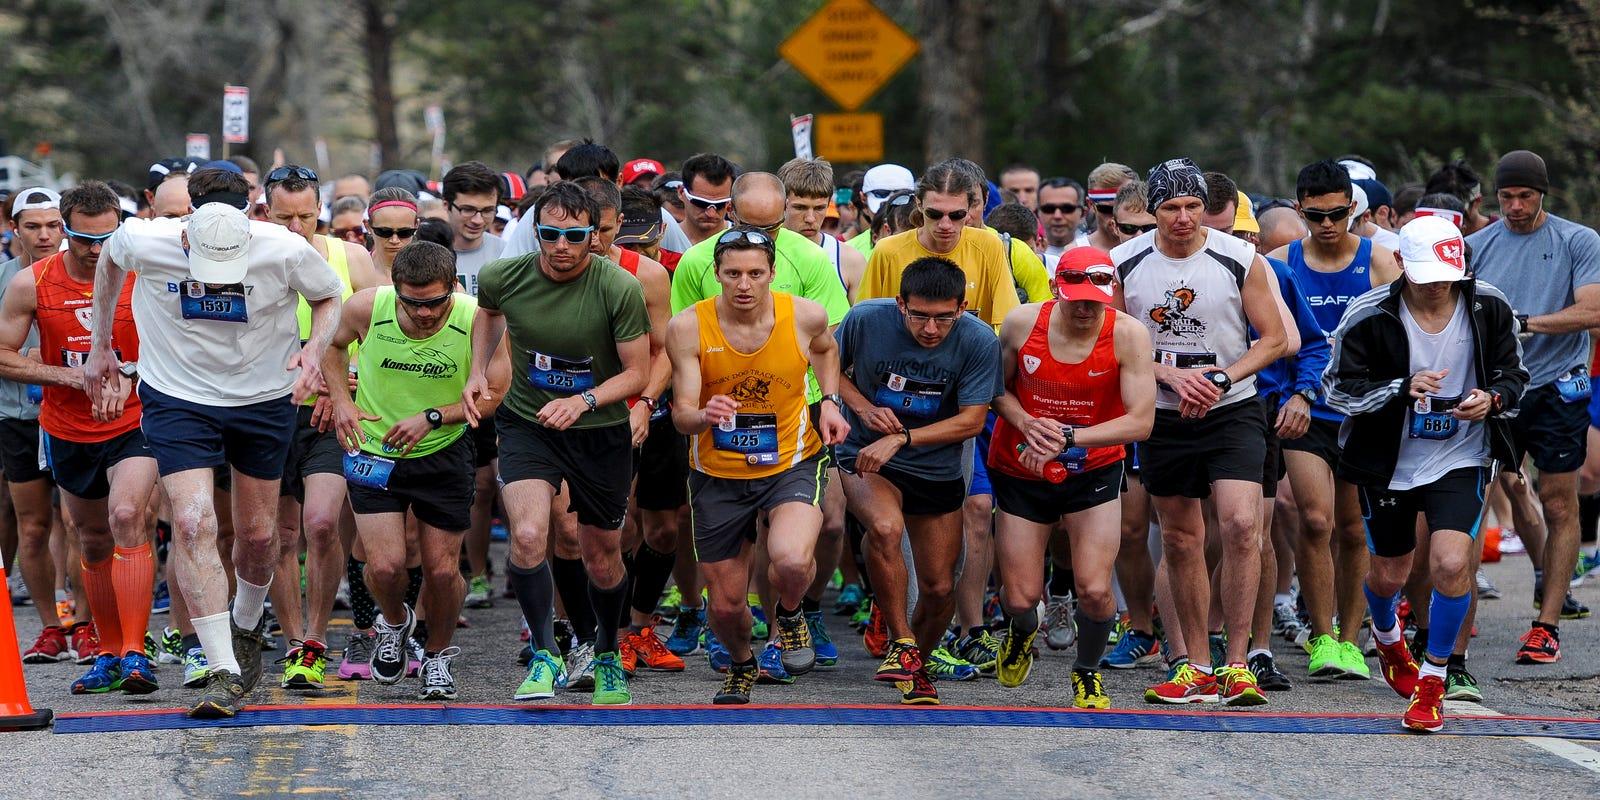 Colorado Marathon 2014 results